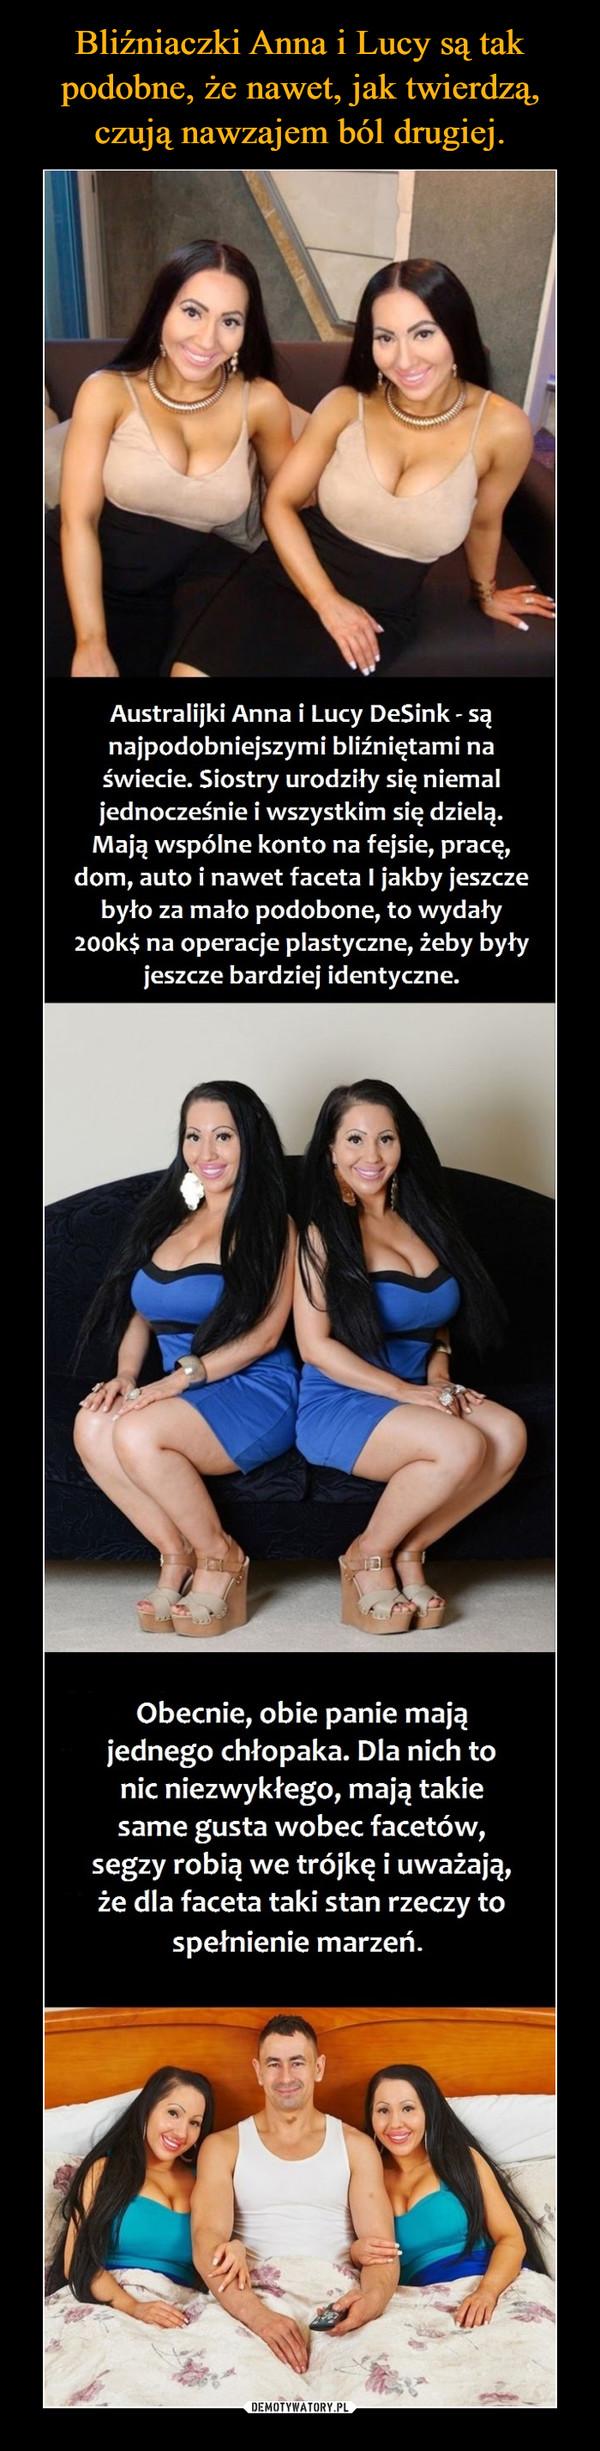 –  Australijki Anna i Lucy DeSink - sąnajpodobniejszymi bliźniętami naświecie. Siostry urodziły się niemaljednocześnie i wszystkim się dzielą.Mają wspólne konto na fejsie, pracę,dom, auto i nawet faceta I jakby jeszczebyło za mało podobone, to wydały200k$ na operacje plastyczne, żeby byłyjeszcze bardziej identyczne.Obecnie, obie panie mająjednego chłopaka. Dla nich tonic niezwykłego, mają takiesame gusta wobec facetów,segzy robią we trójkę i uważają,że dla faceta taki stan rzeczy tospełnienie marzeń.